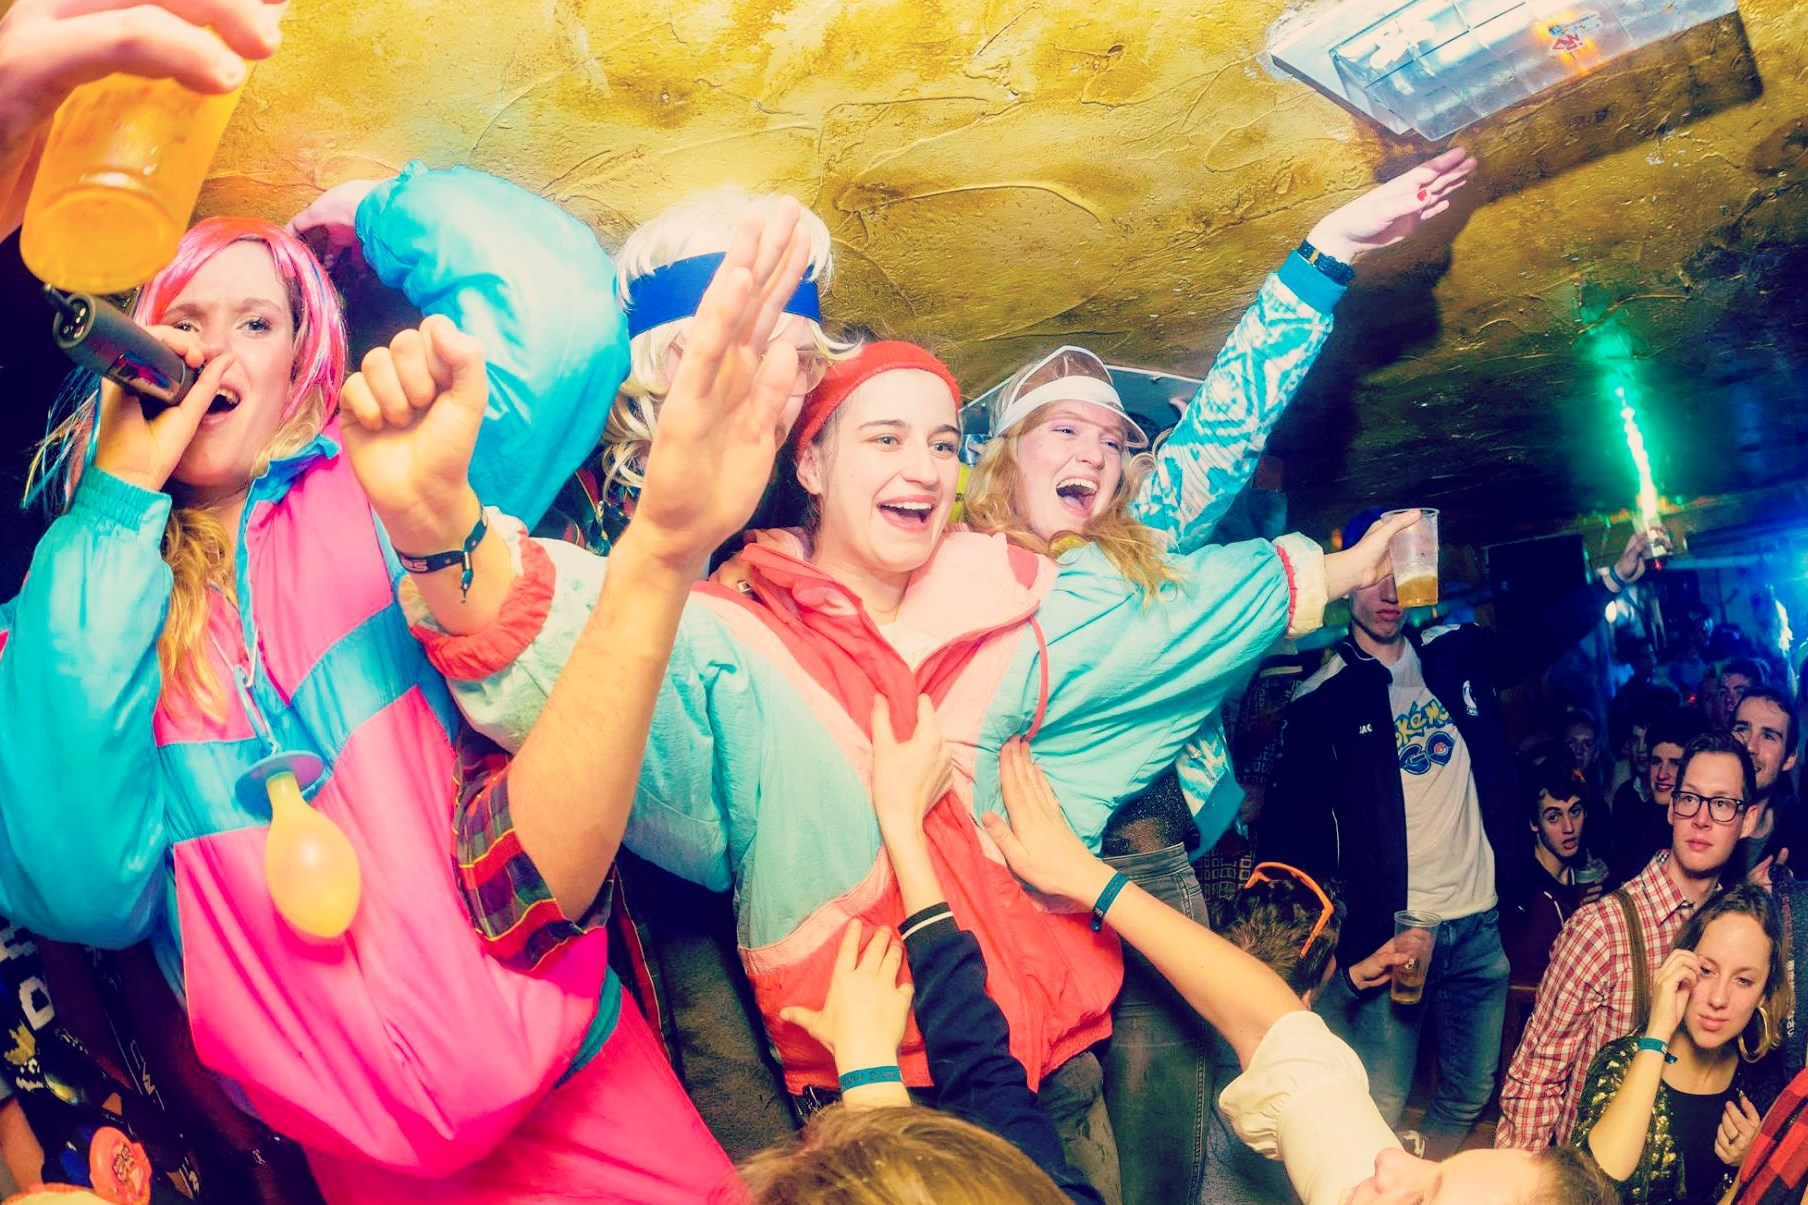 PARTIES #geheimzinnige feesten op geheimzinnige plaatsen